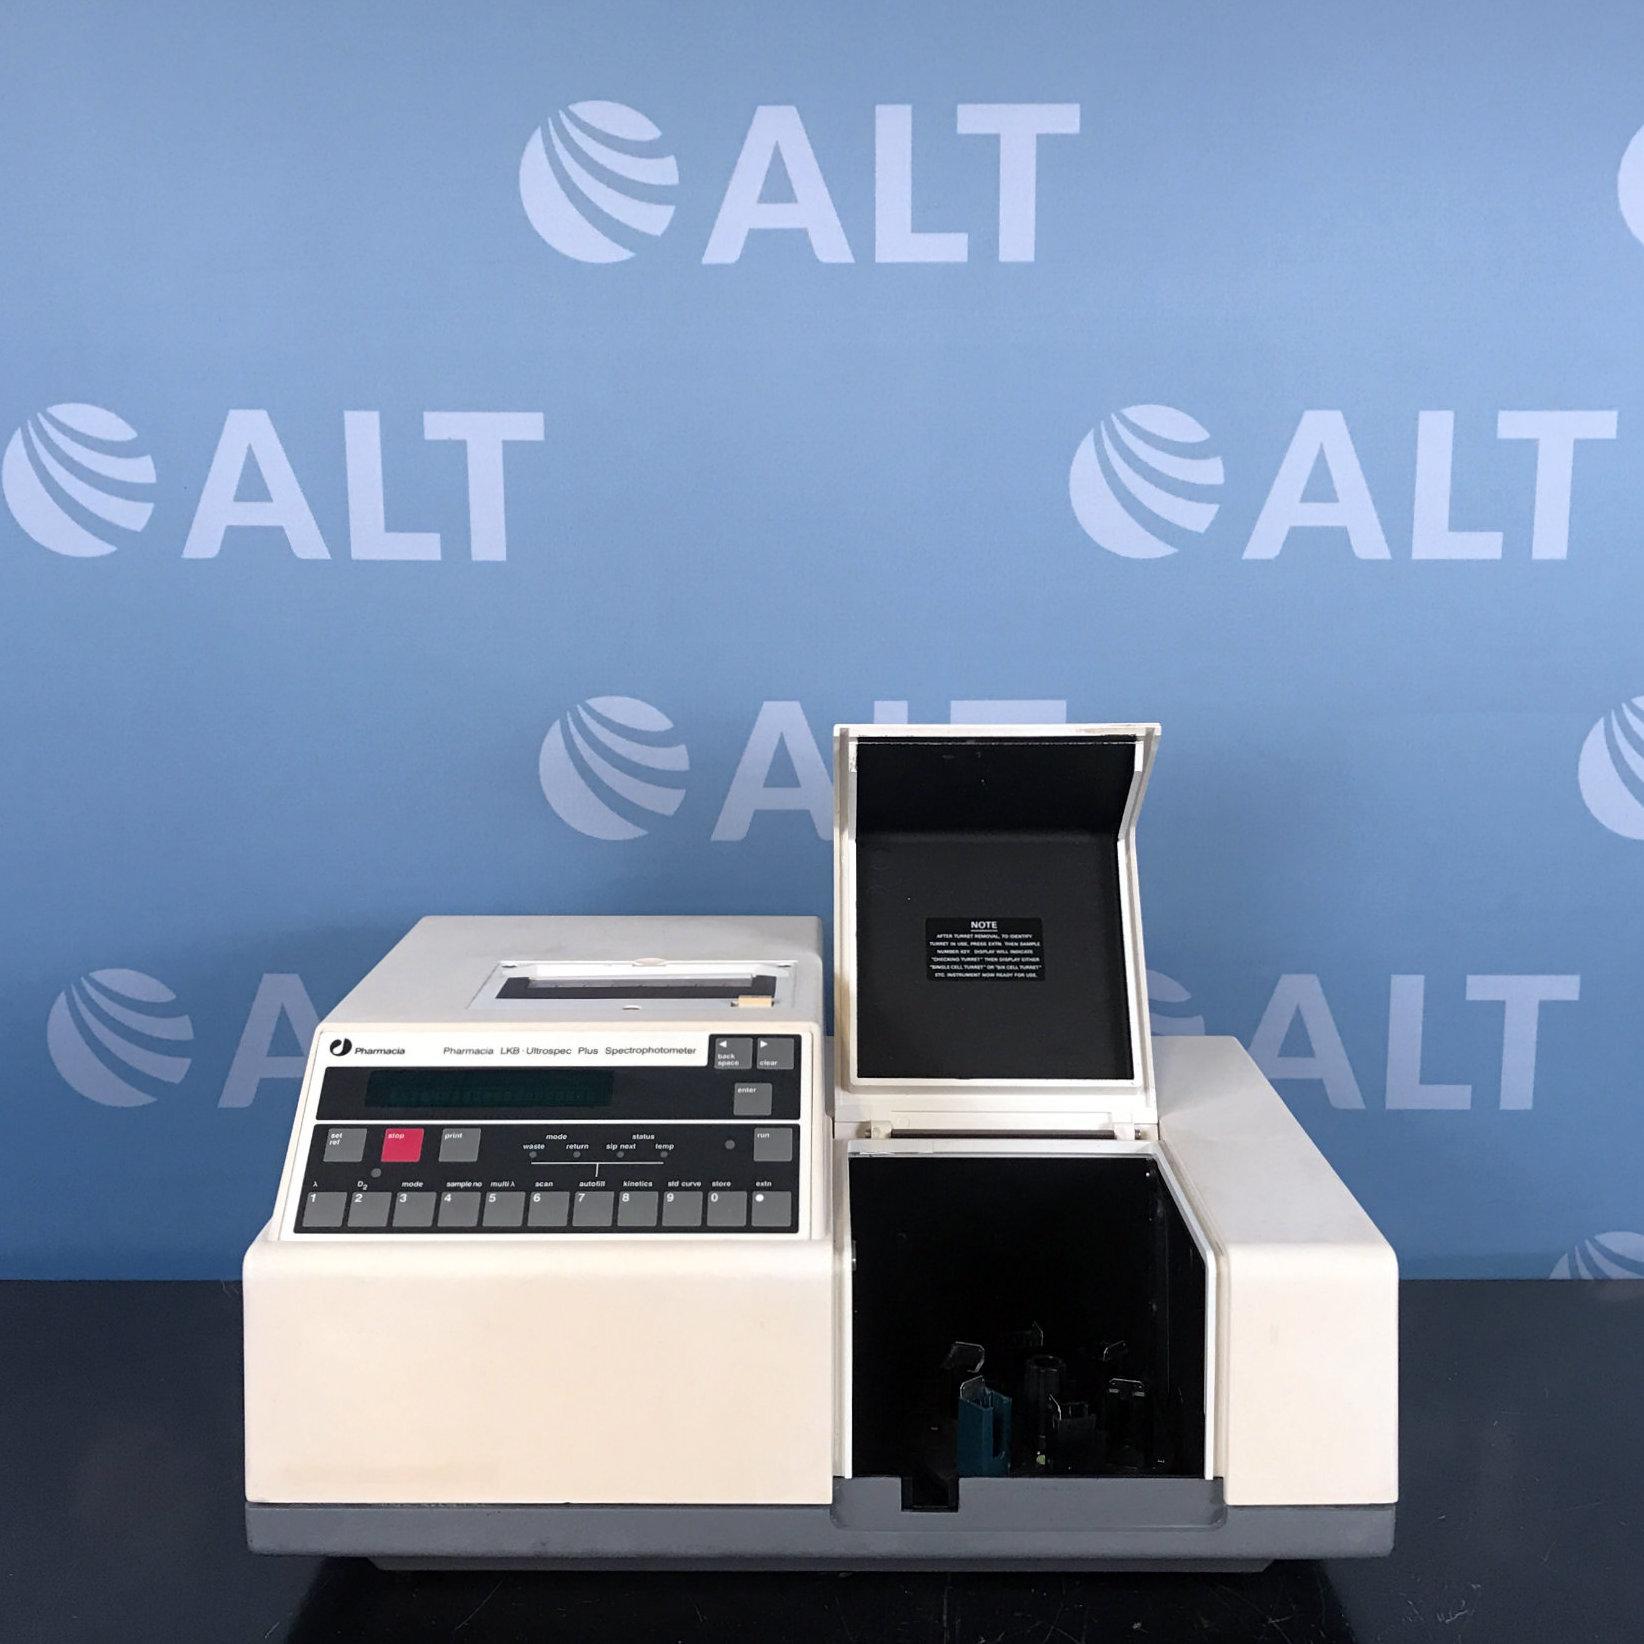 Pharmacia LKB Ultrospec Plus Spectrophotometer Model 80-2092-26 Image